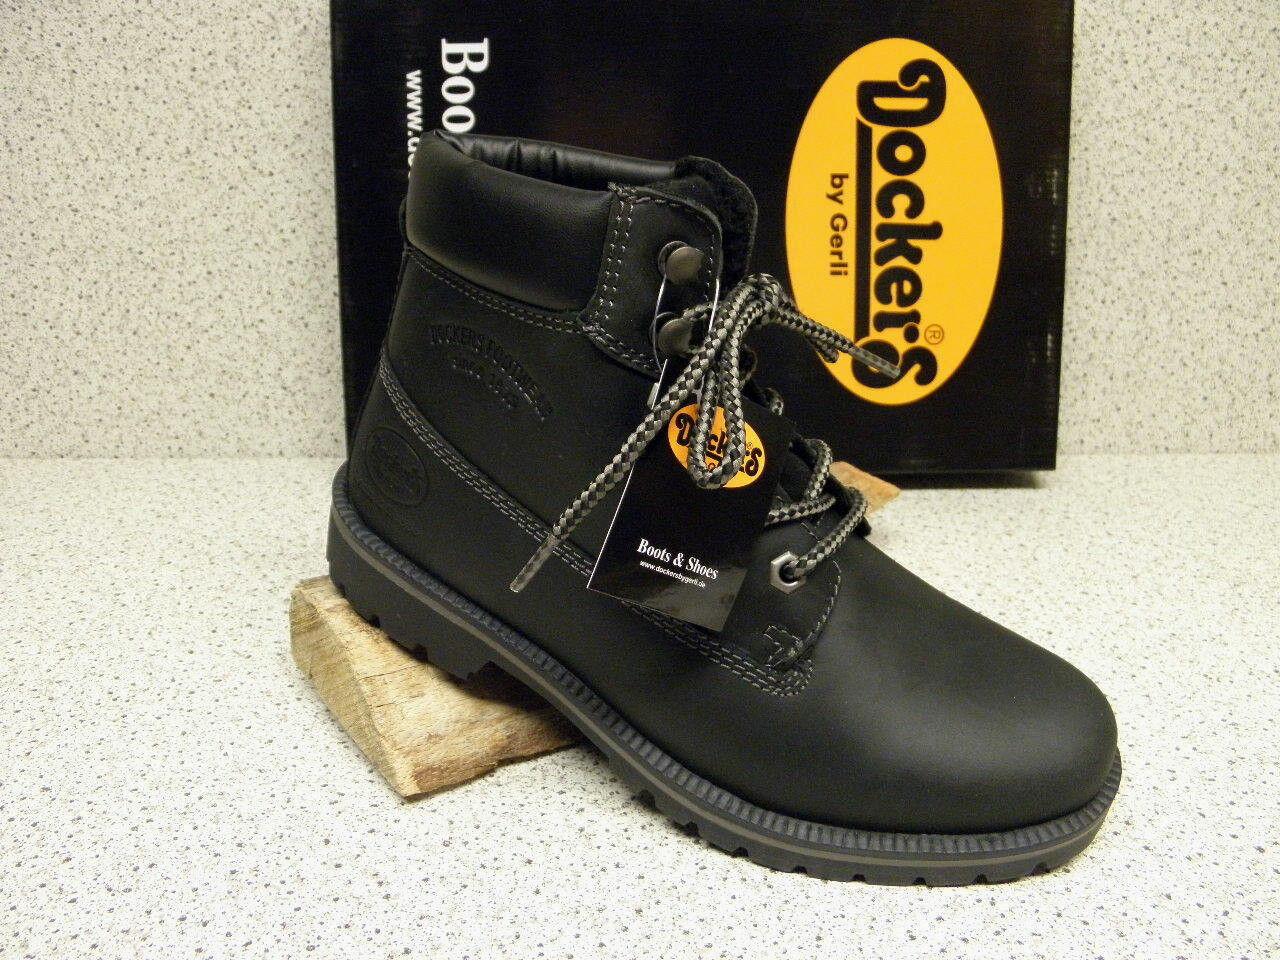 Dockers ®  ROTuziert,  bisher    schwarz + gratis Premium - Socken (D302)